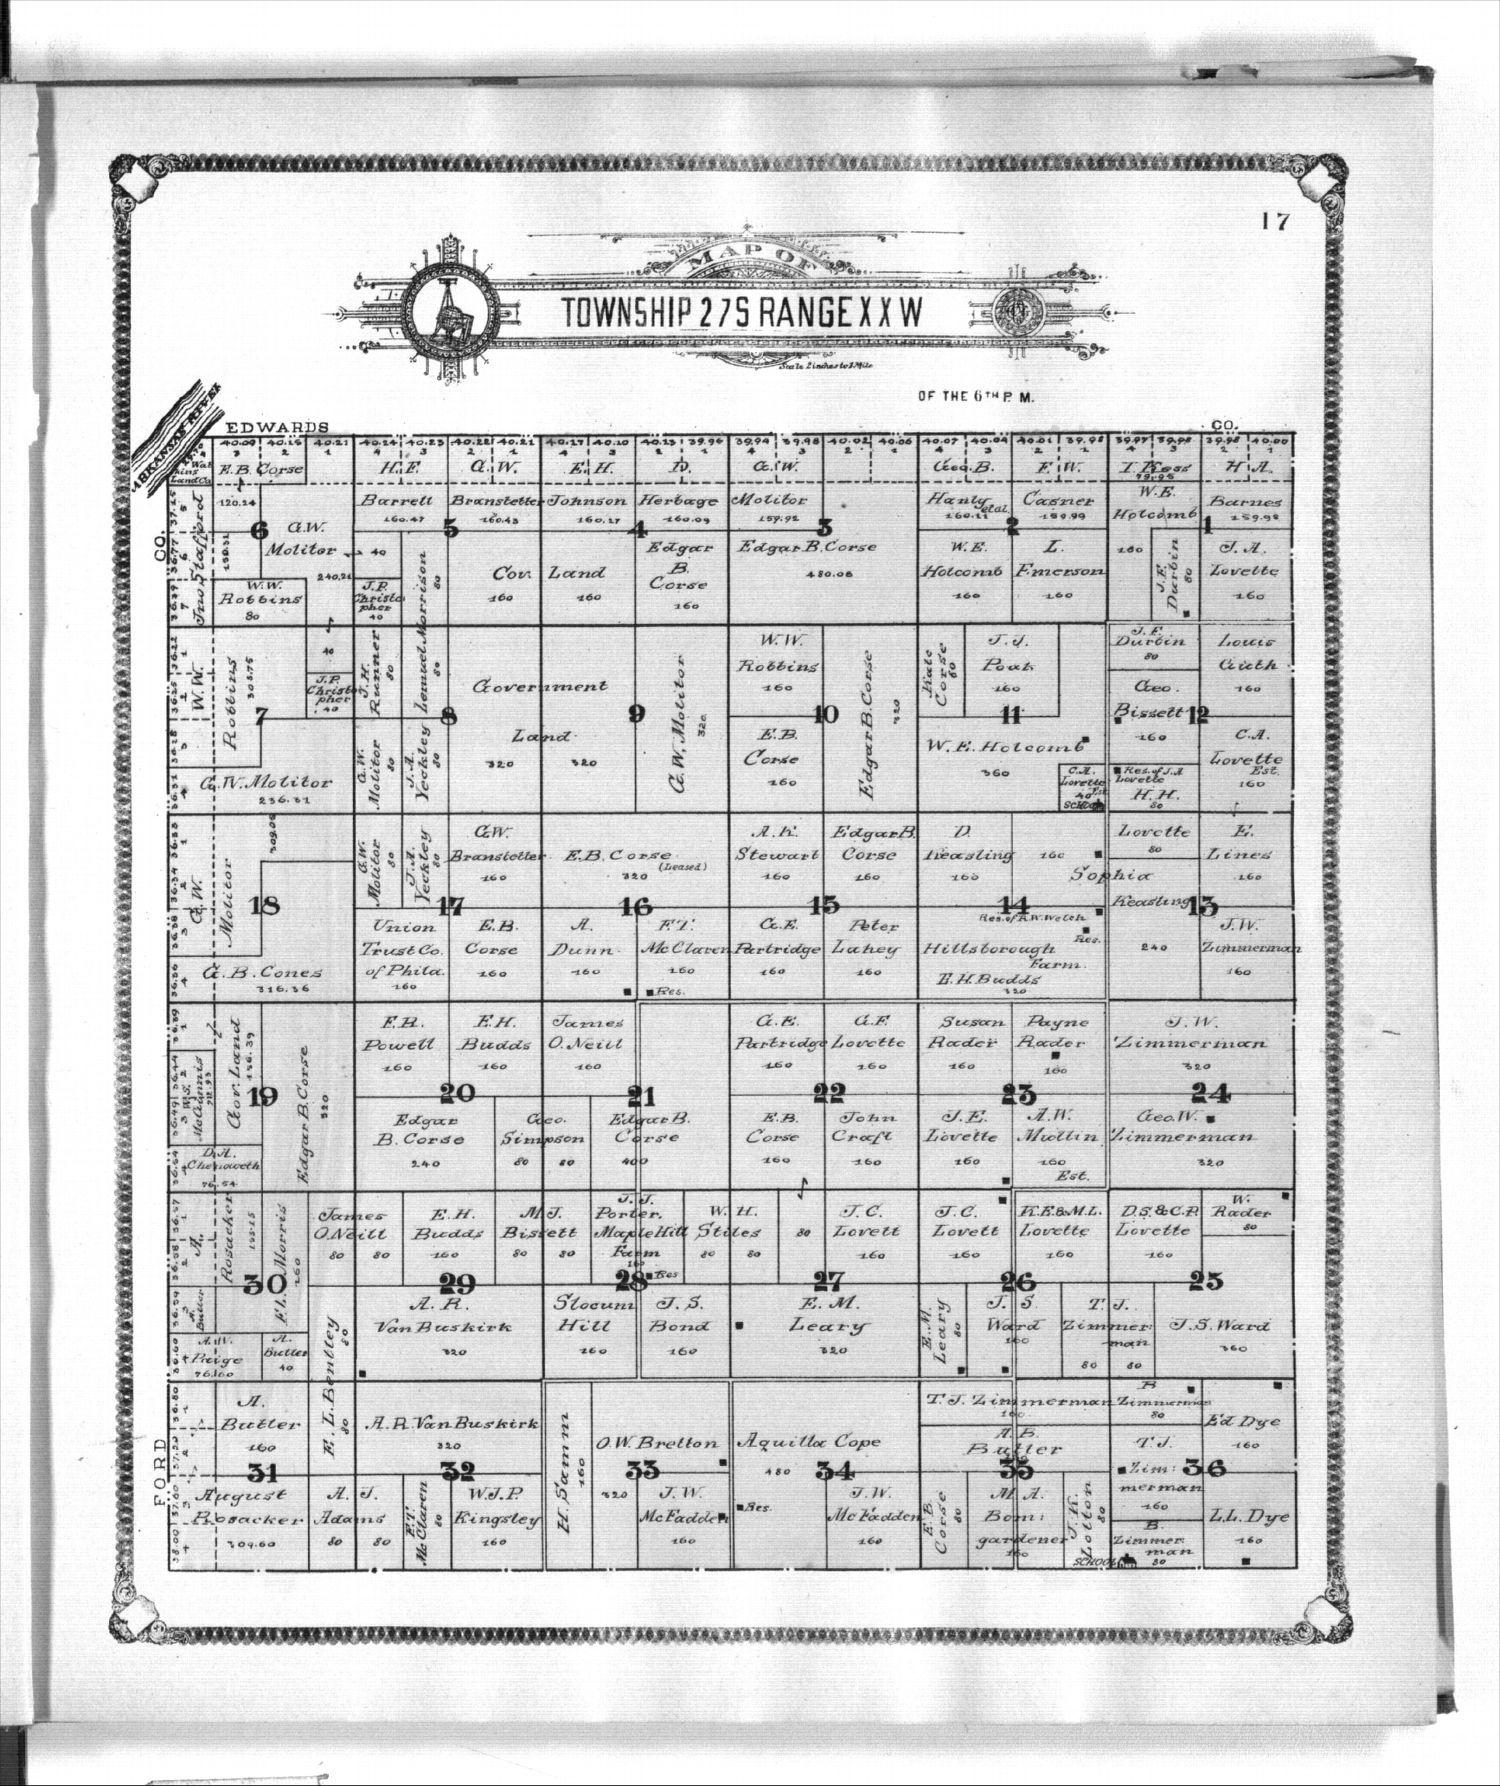 Standard atlas of Kiowa County, Kansas - 17